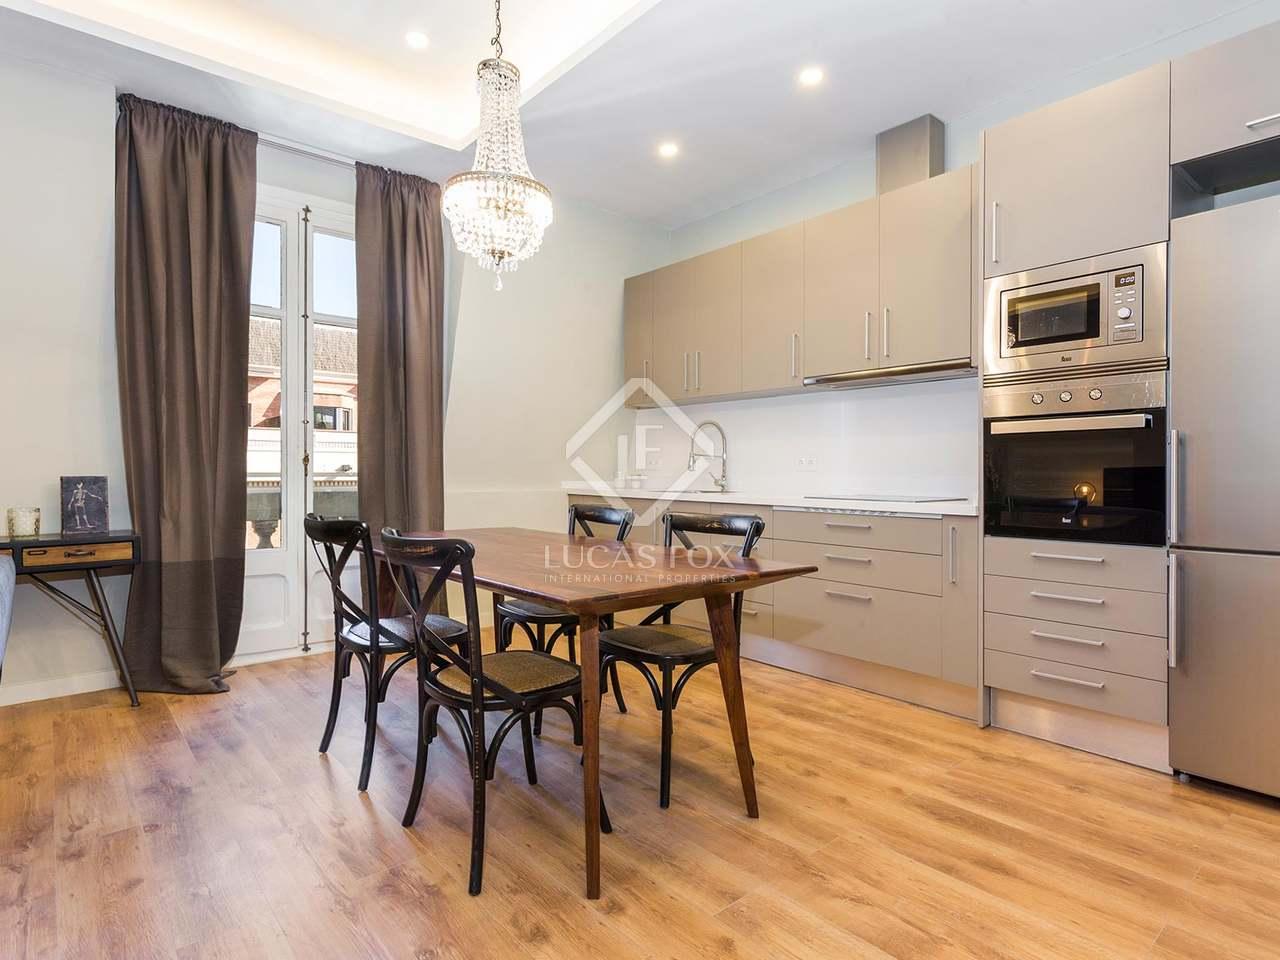 Apartamento amueblado de un dormitorio en alquiler en balmes - Fincas balmes ...